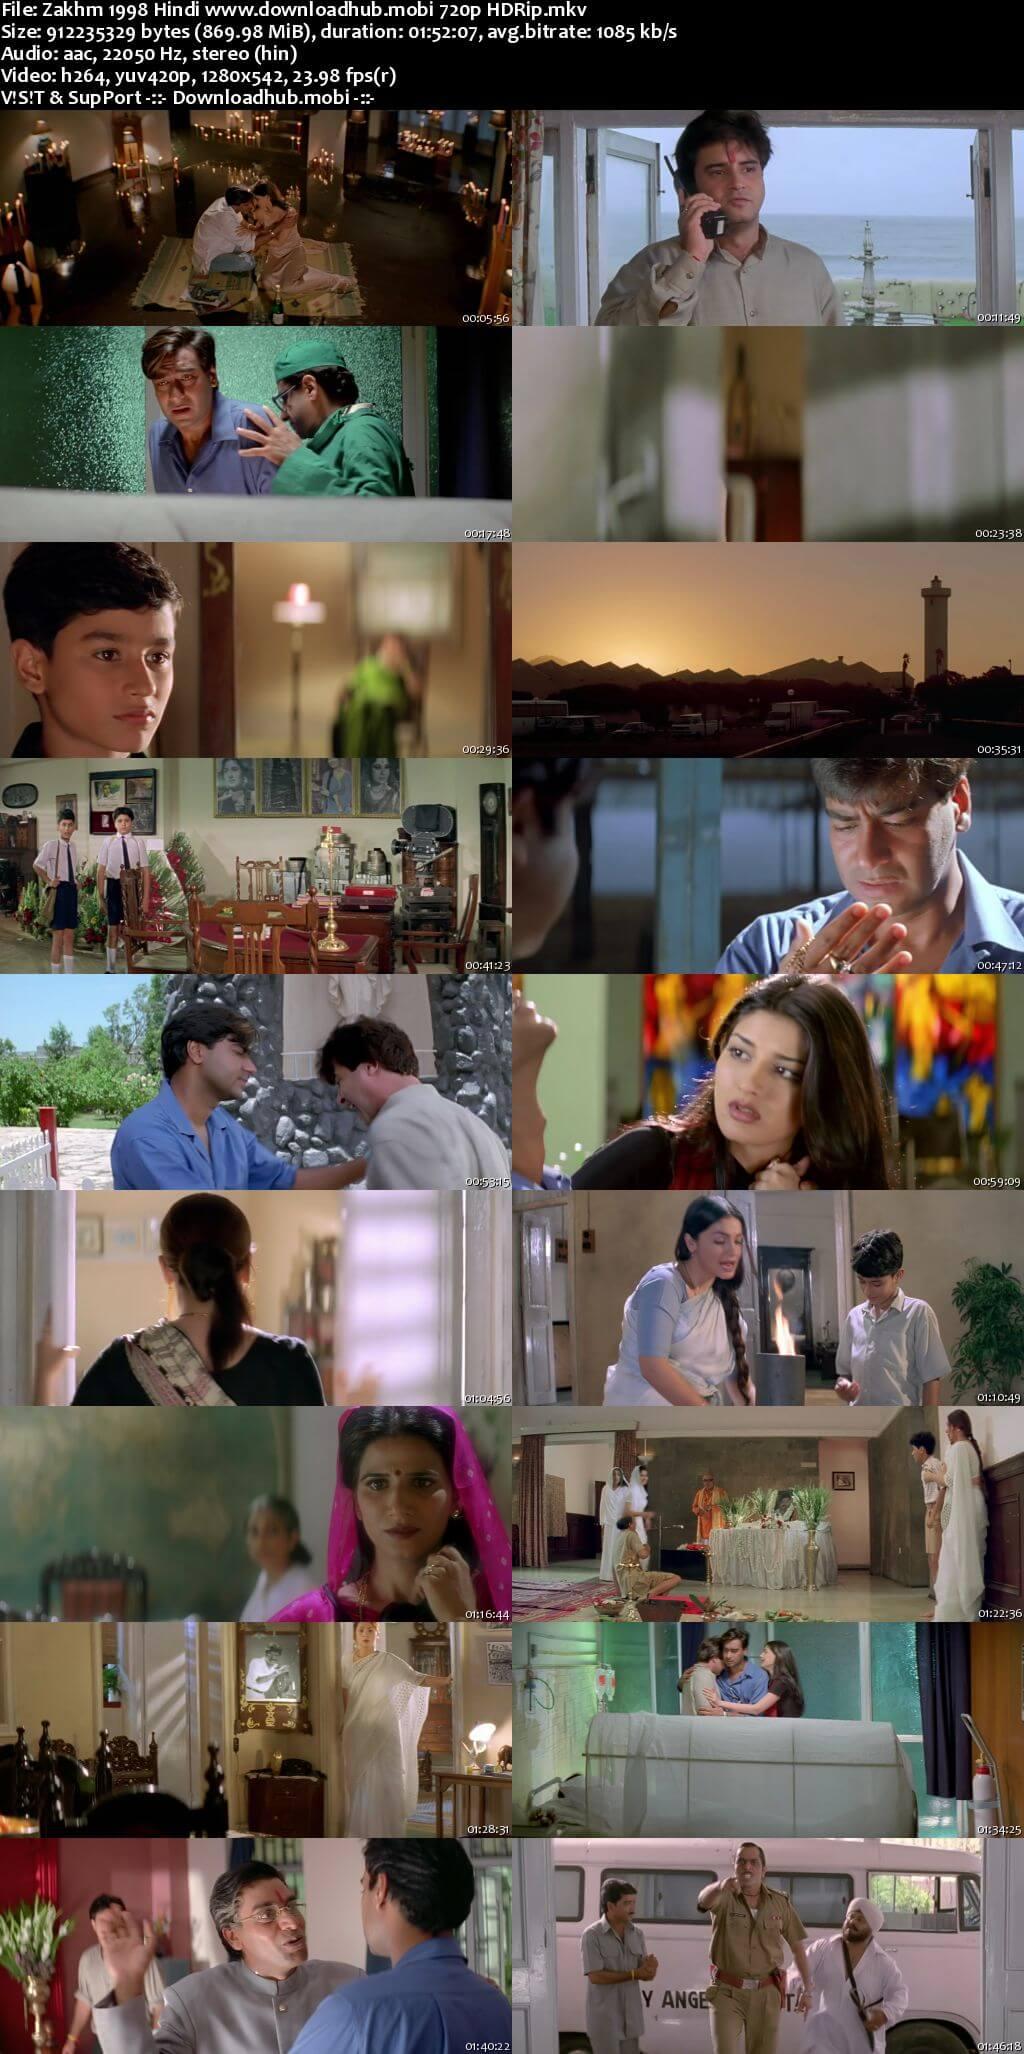 Zakhm 1998 Hindi 720p HDRip x264